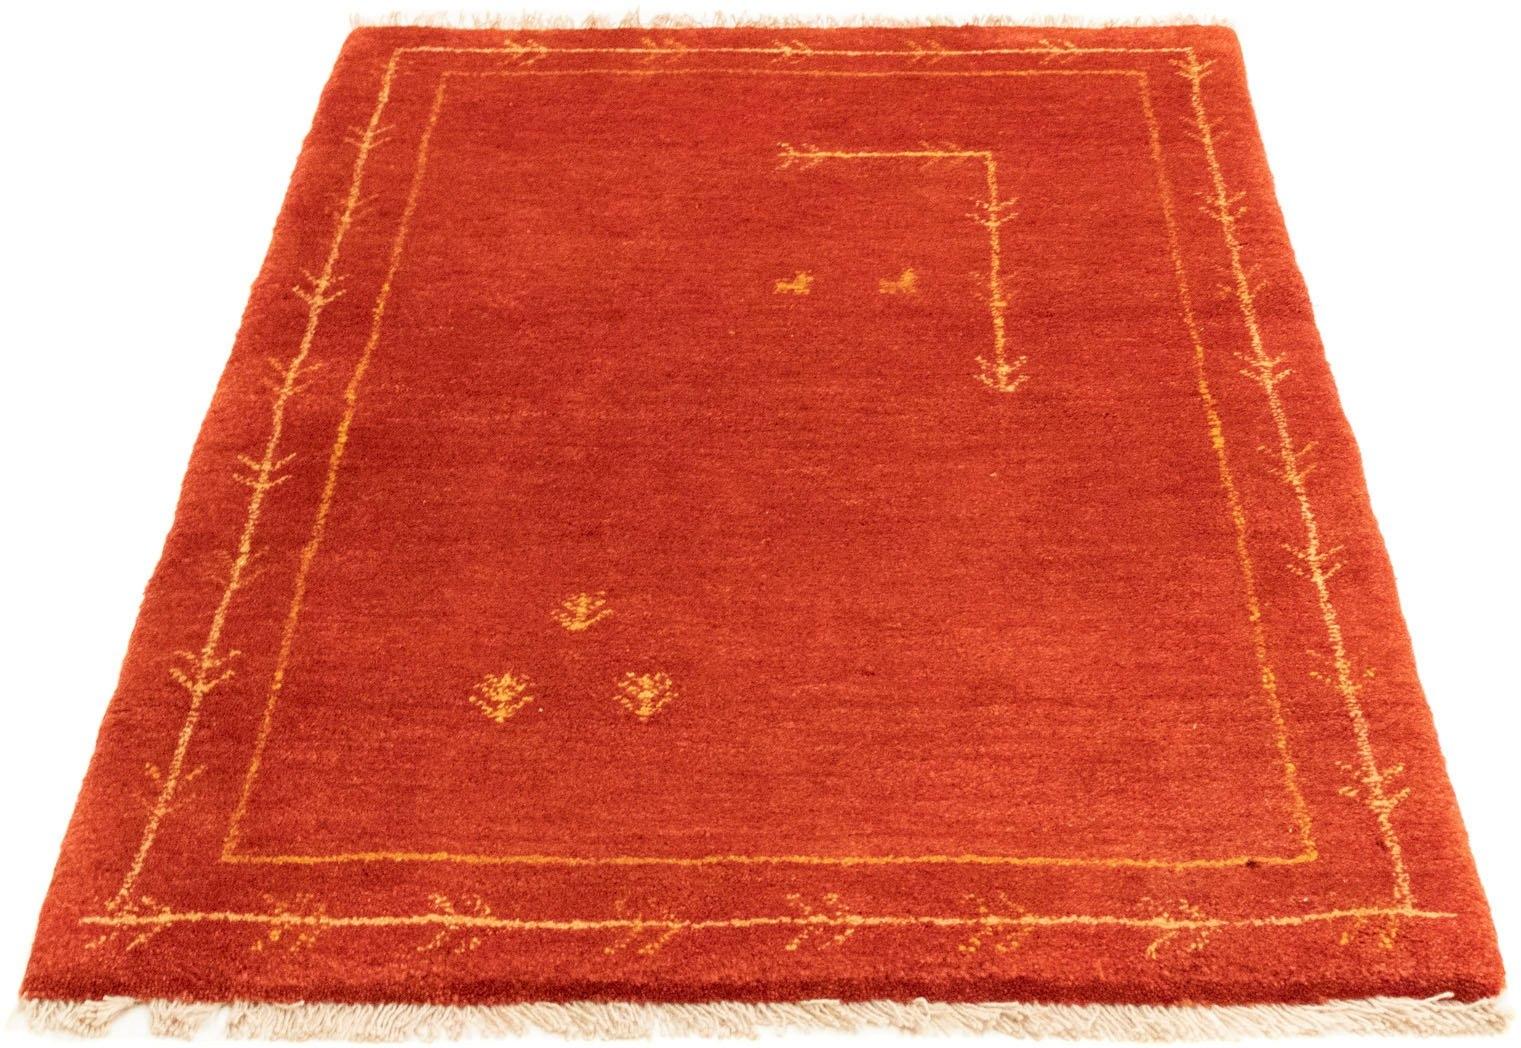 morgenland wollen kleed Gabbeh-kleed met de hand geknoopt rood handgeknoopt bij OTTO online kopen